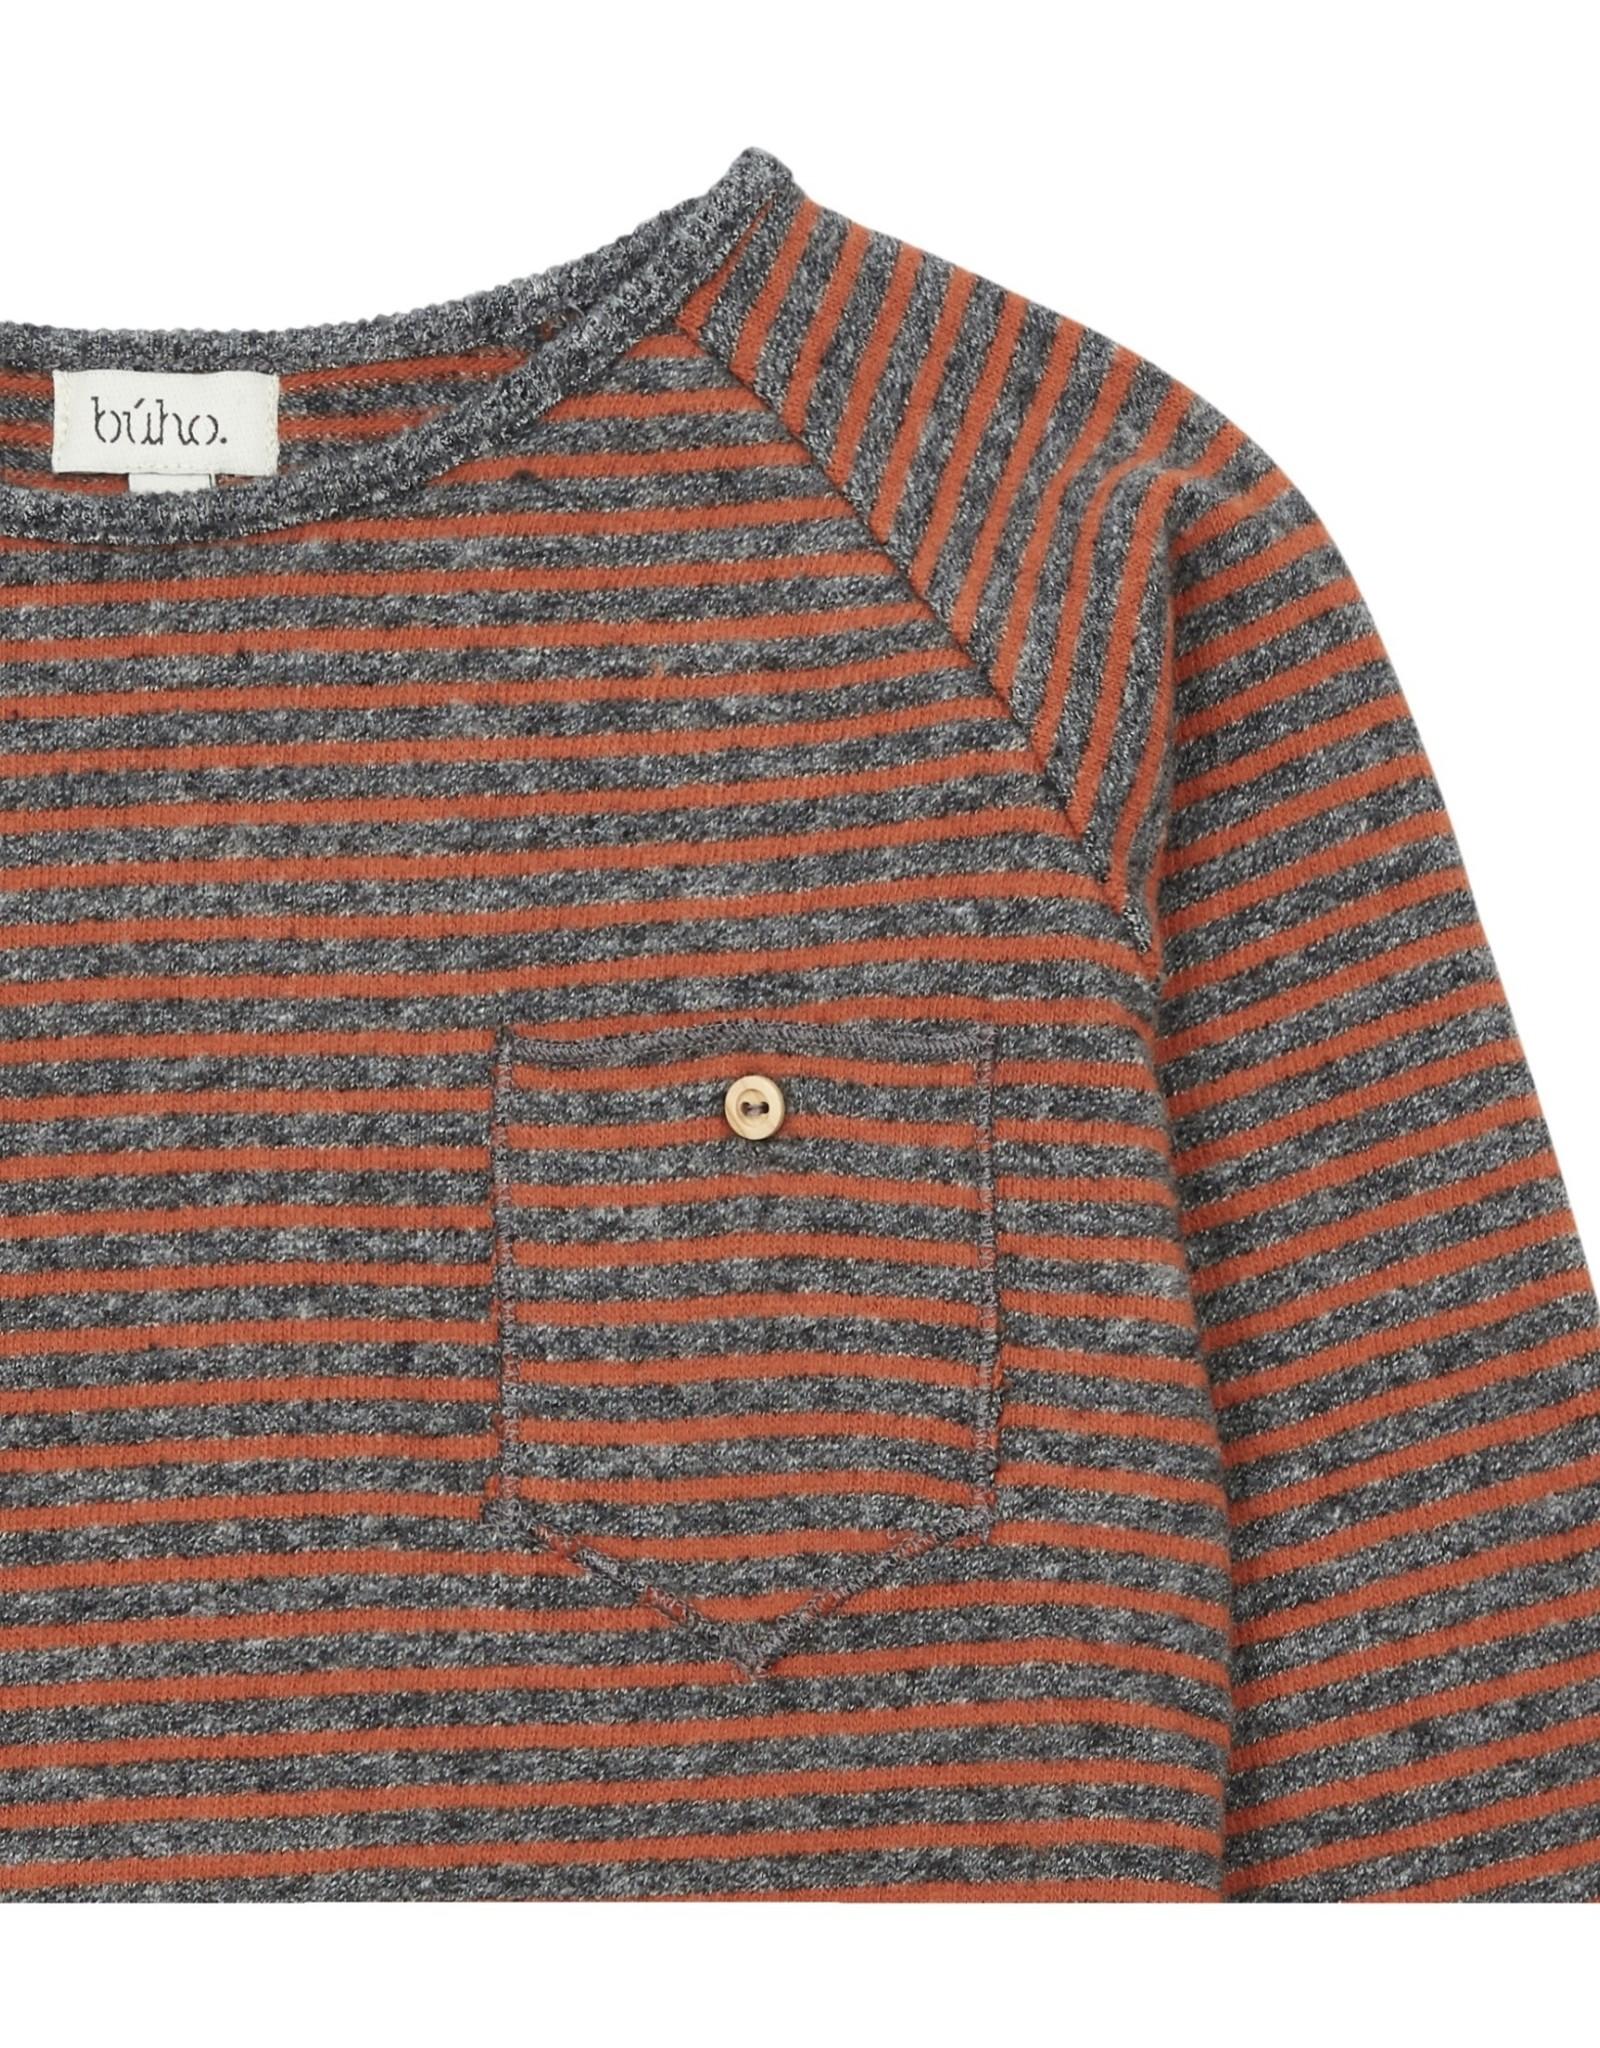 Buho Bruno Sweatshirt